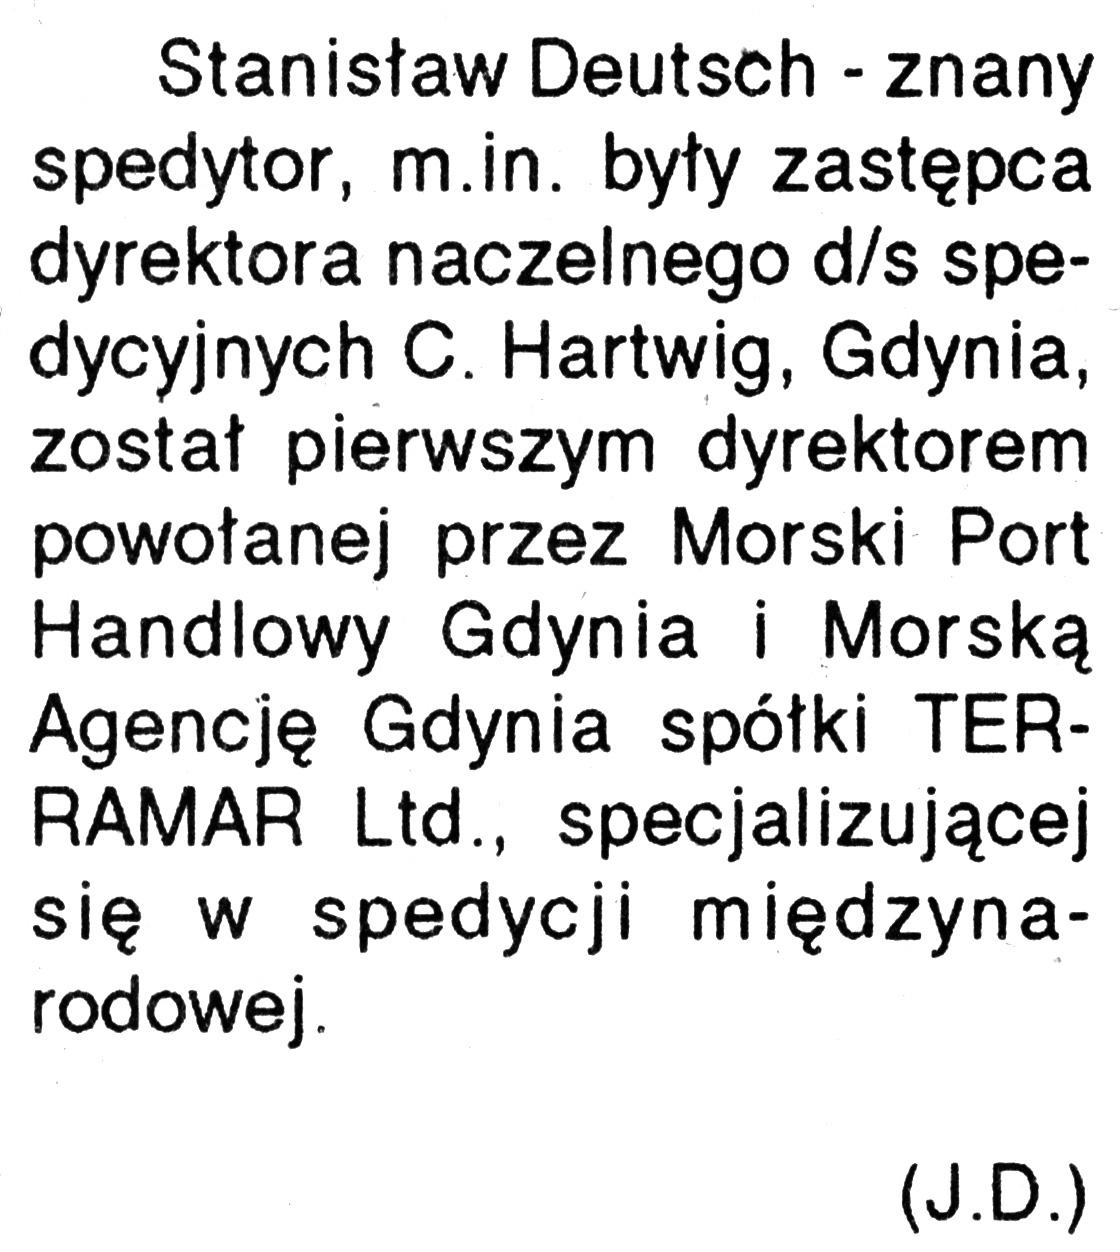 [Stanisław Deutsch ...] / (J.D.) // Kurier Gdyński. - 1992, nr 1, s. 2